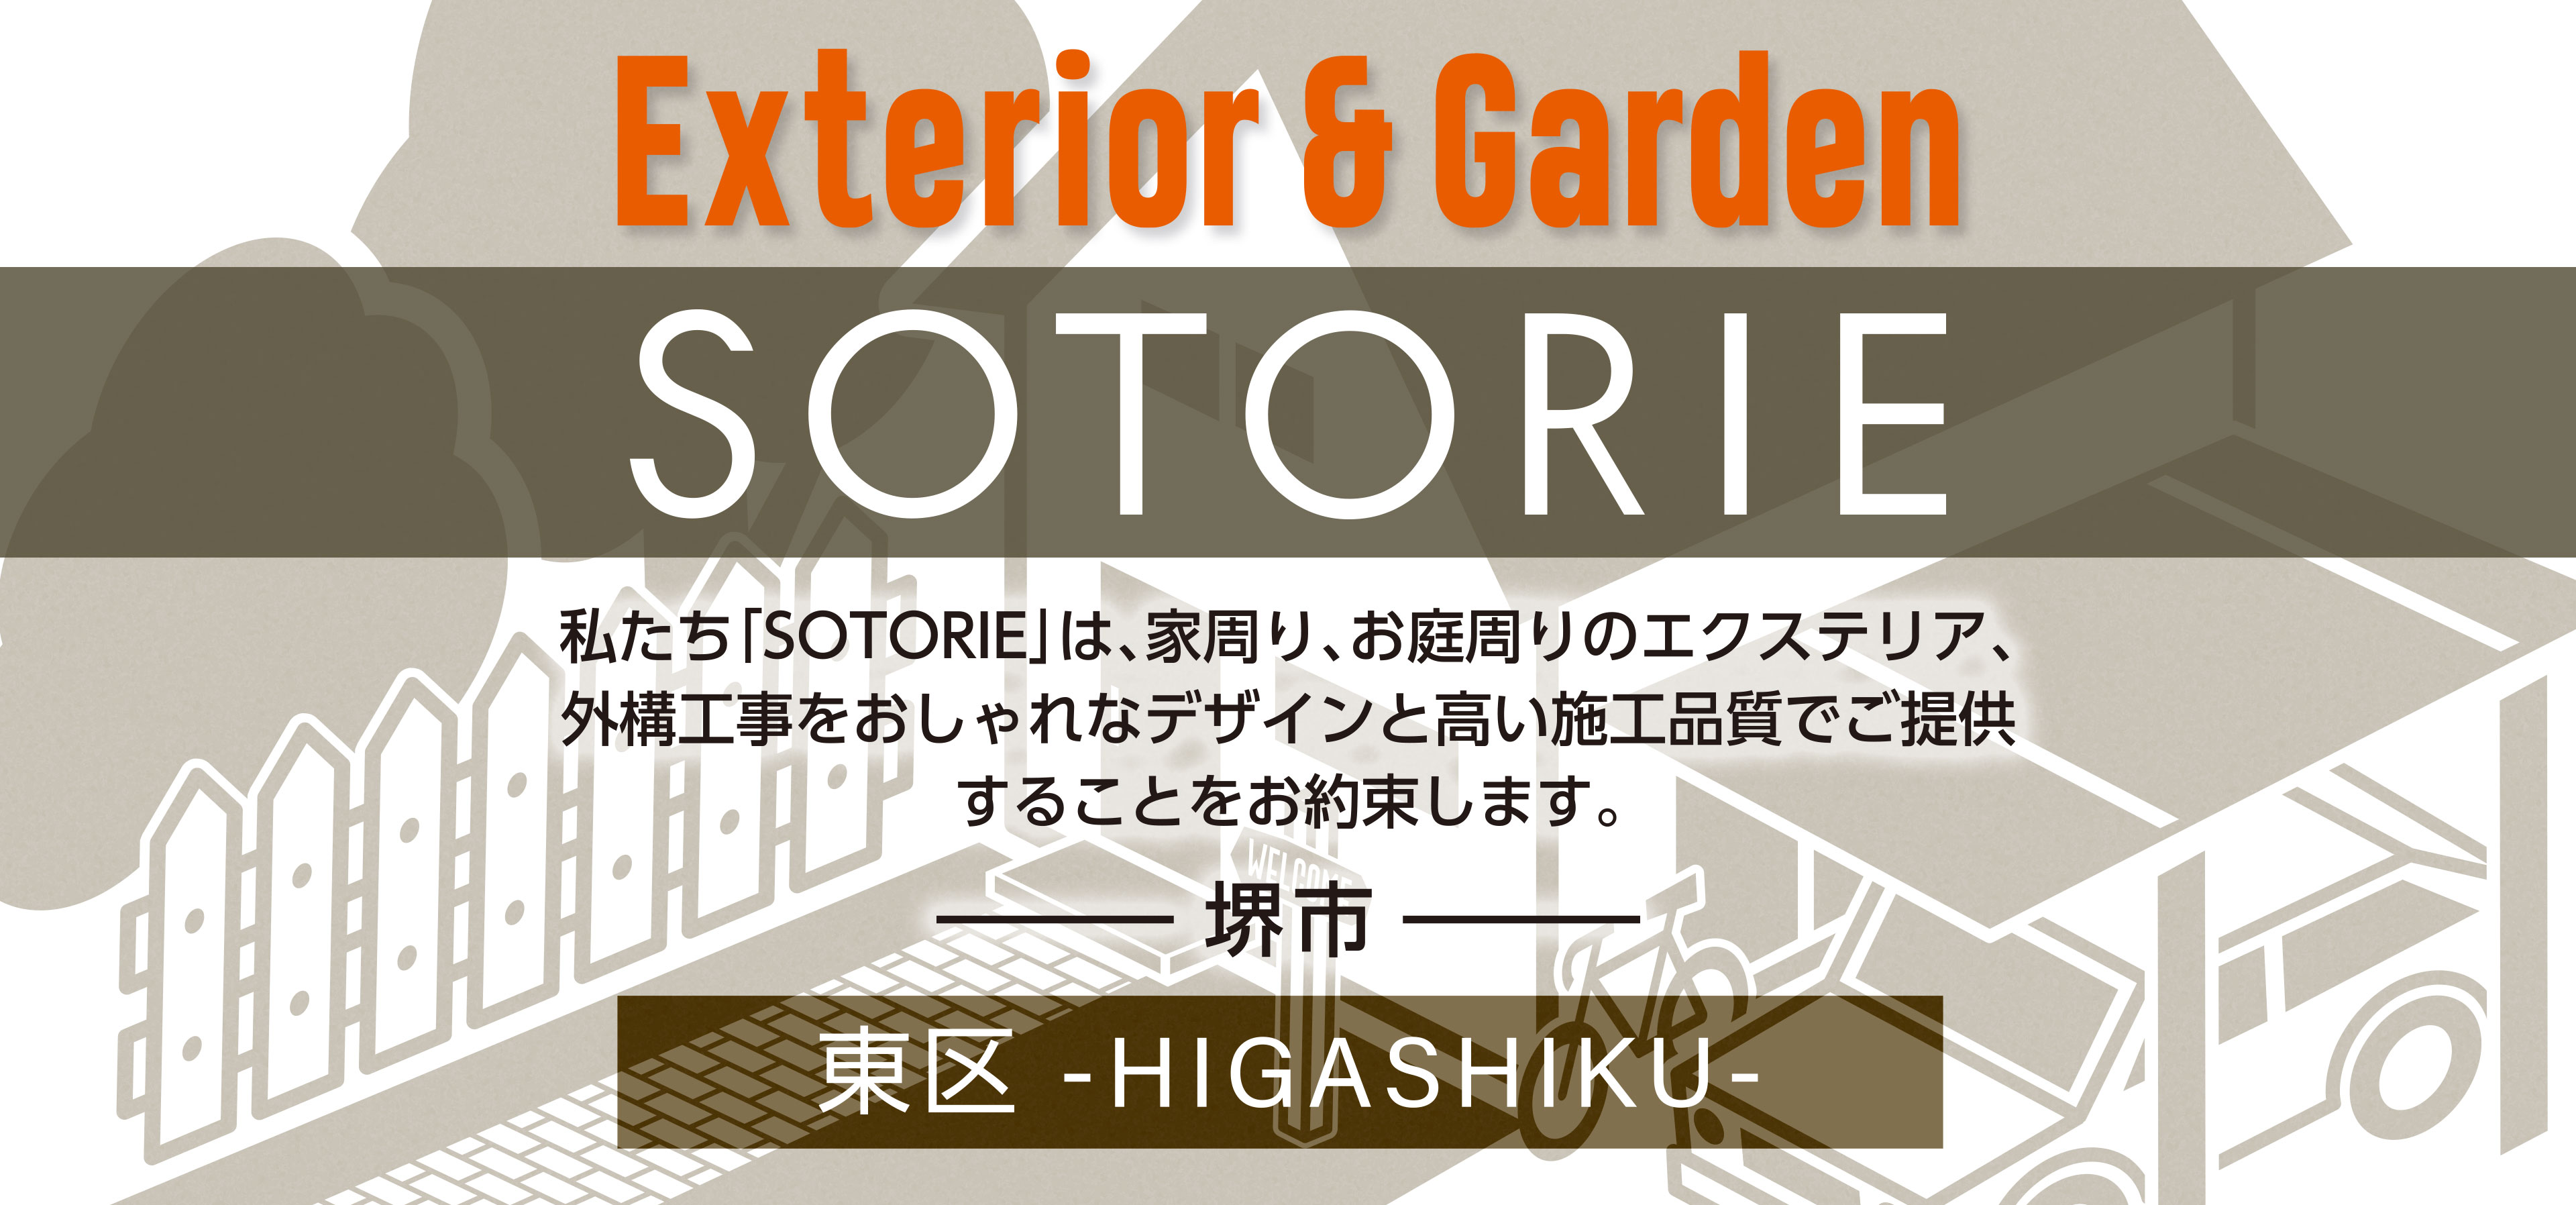 ソトリエ堺市東区では、家周りと庭周りの外構、エクステリア工事をおしゃれなデザインと高い施工品質でご提供することをお約束します。